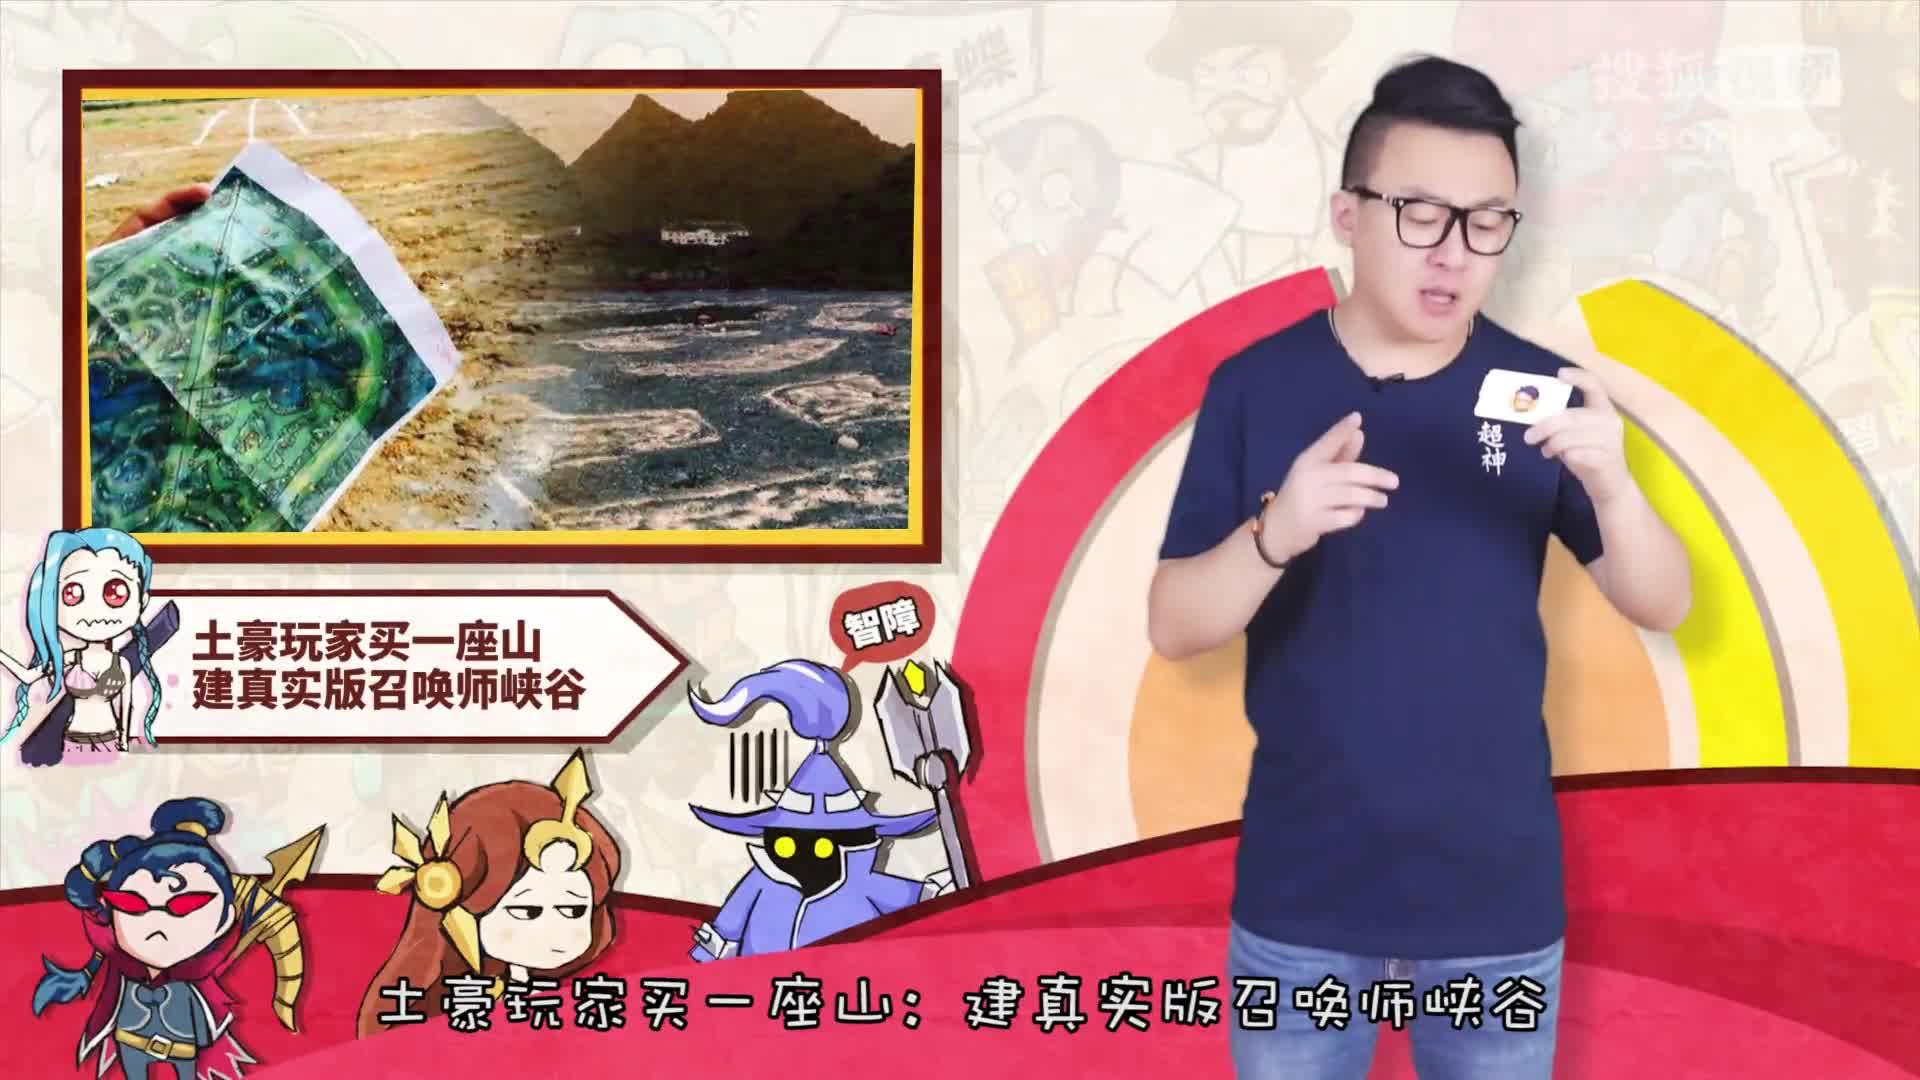 徐老师来巡山122:四傻围观凯隐跑出地图外-404页 搜狐视频